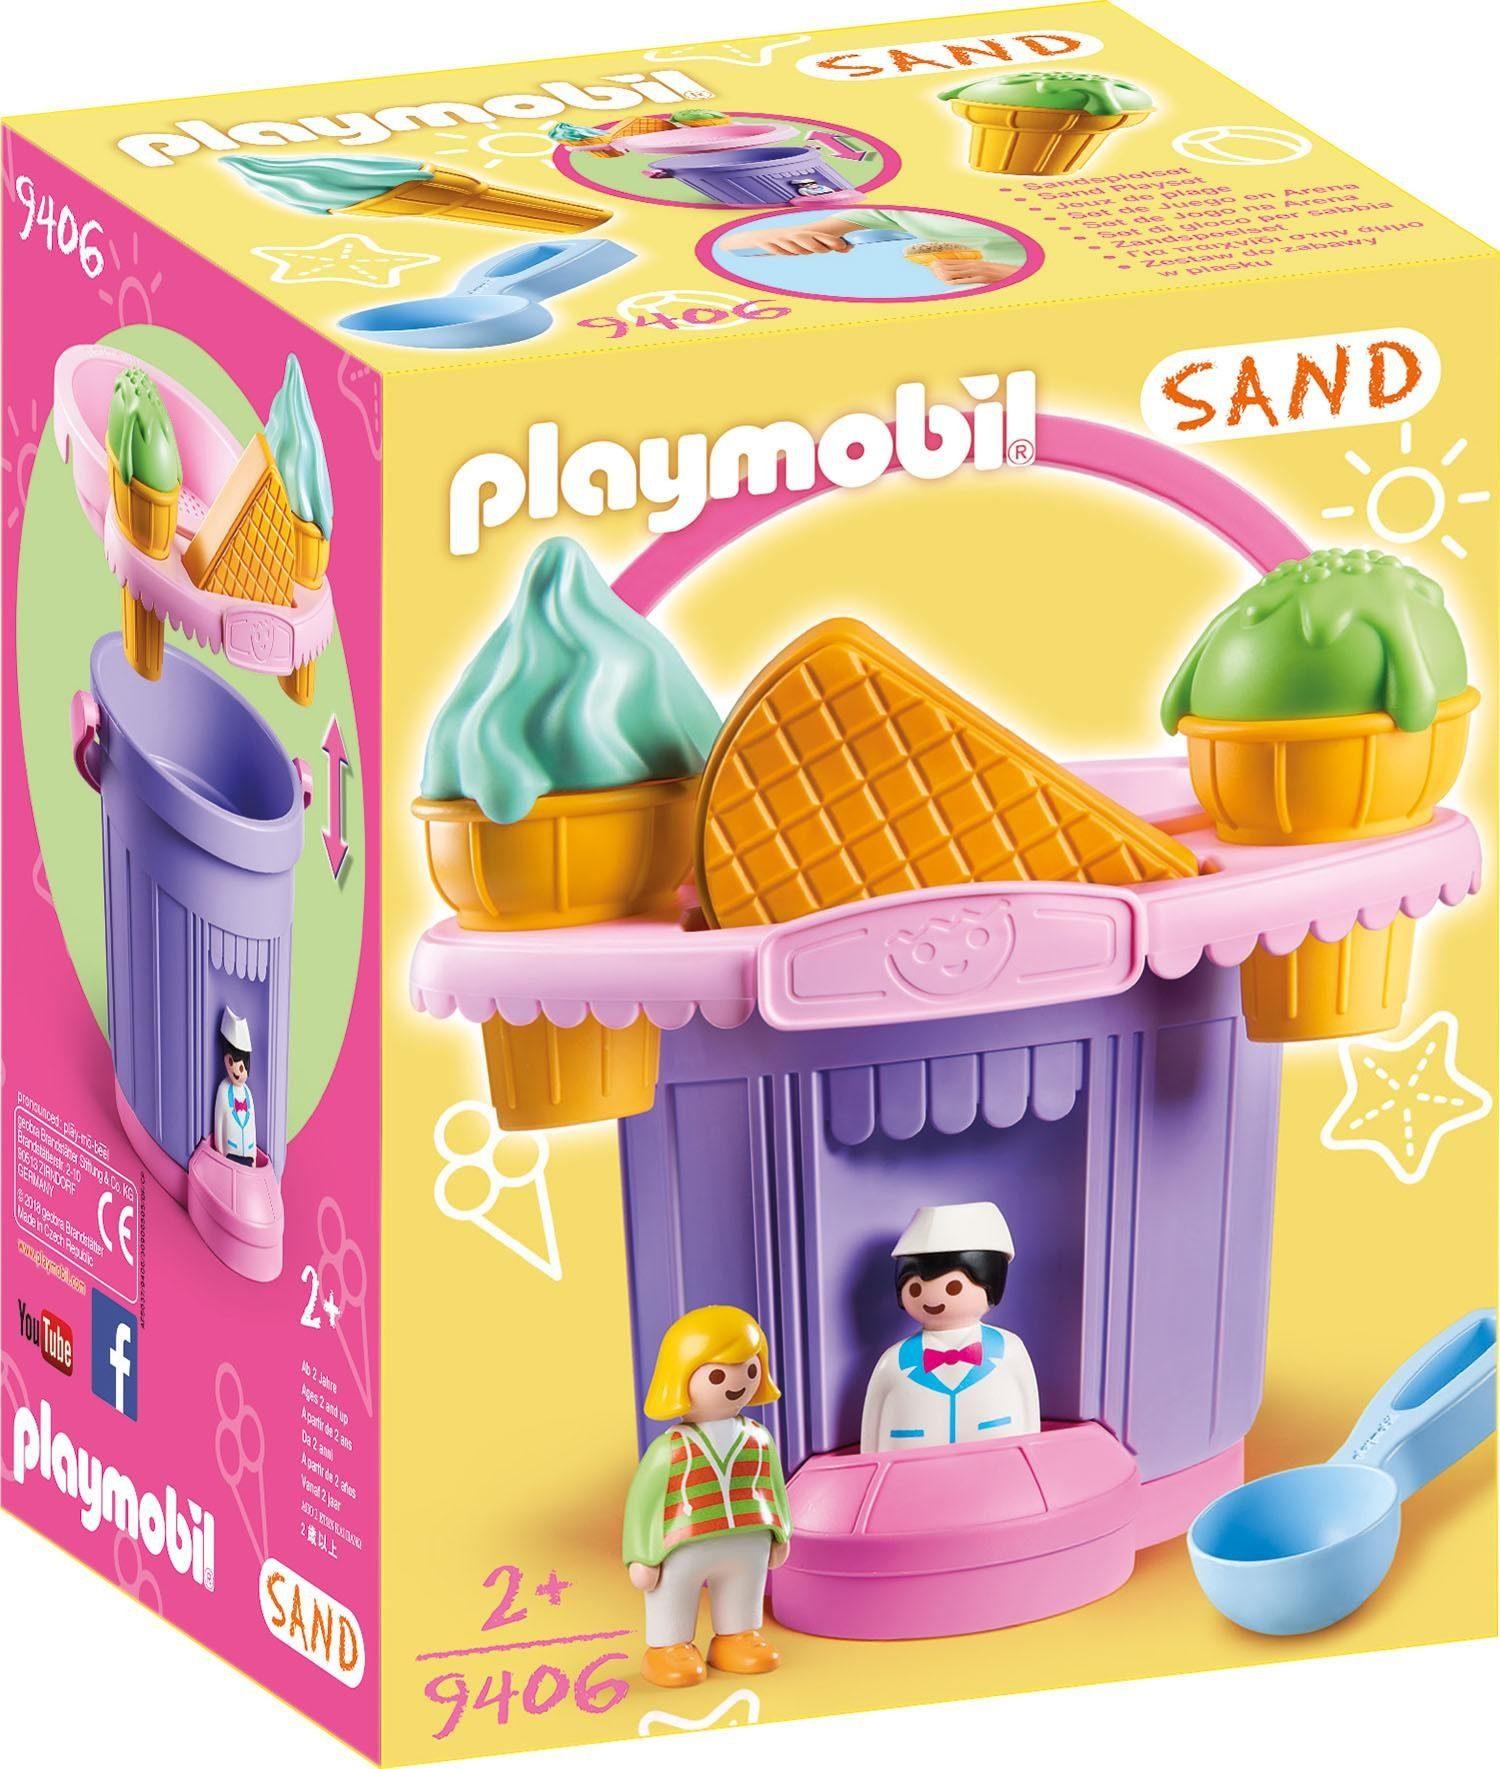 Playmobil® Sandeimerchen Eisdiele (9406), »Sand«